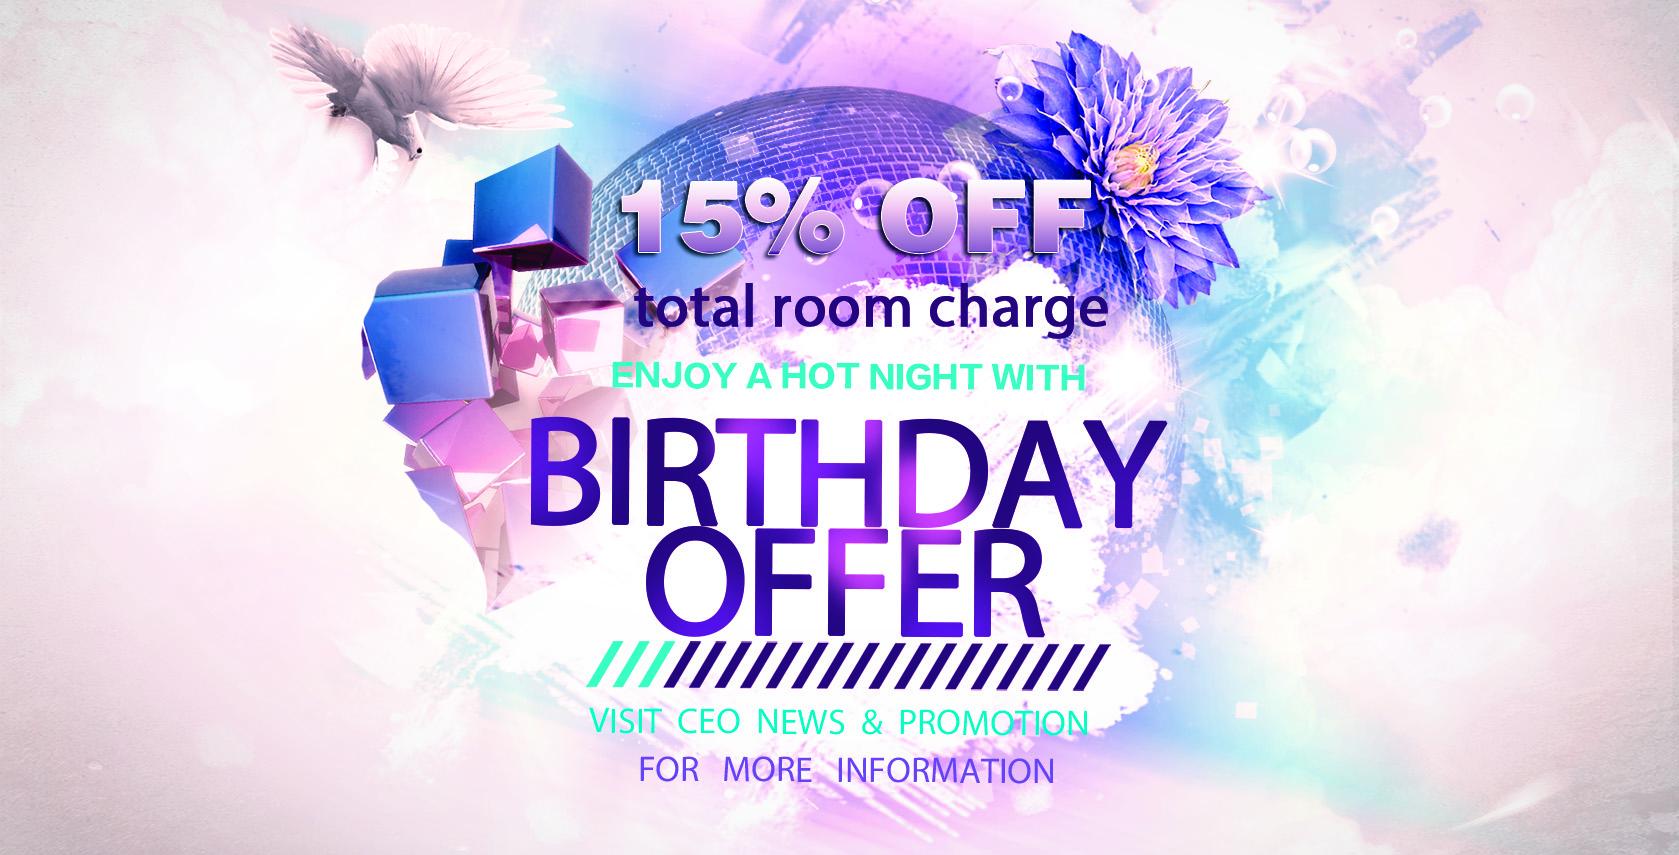 7106241b0f4 Birthday Special Offer 2016